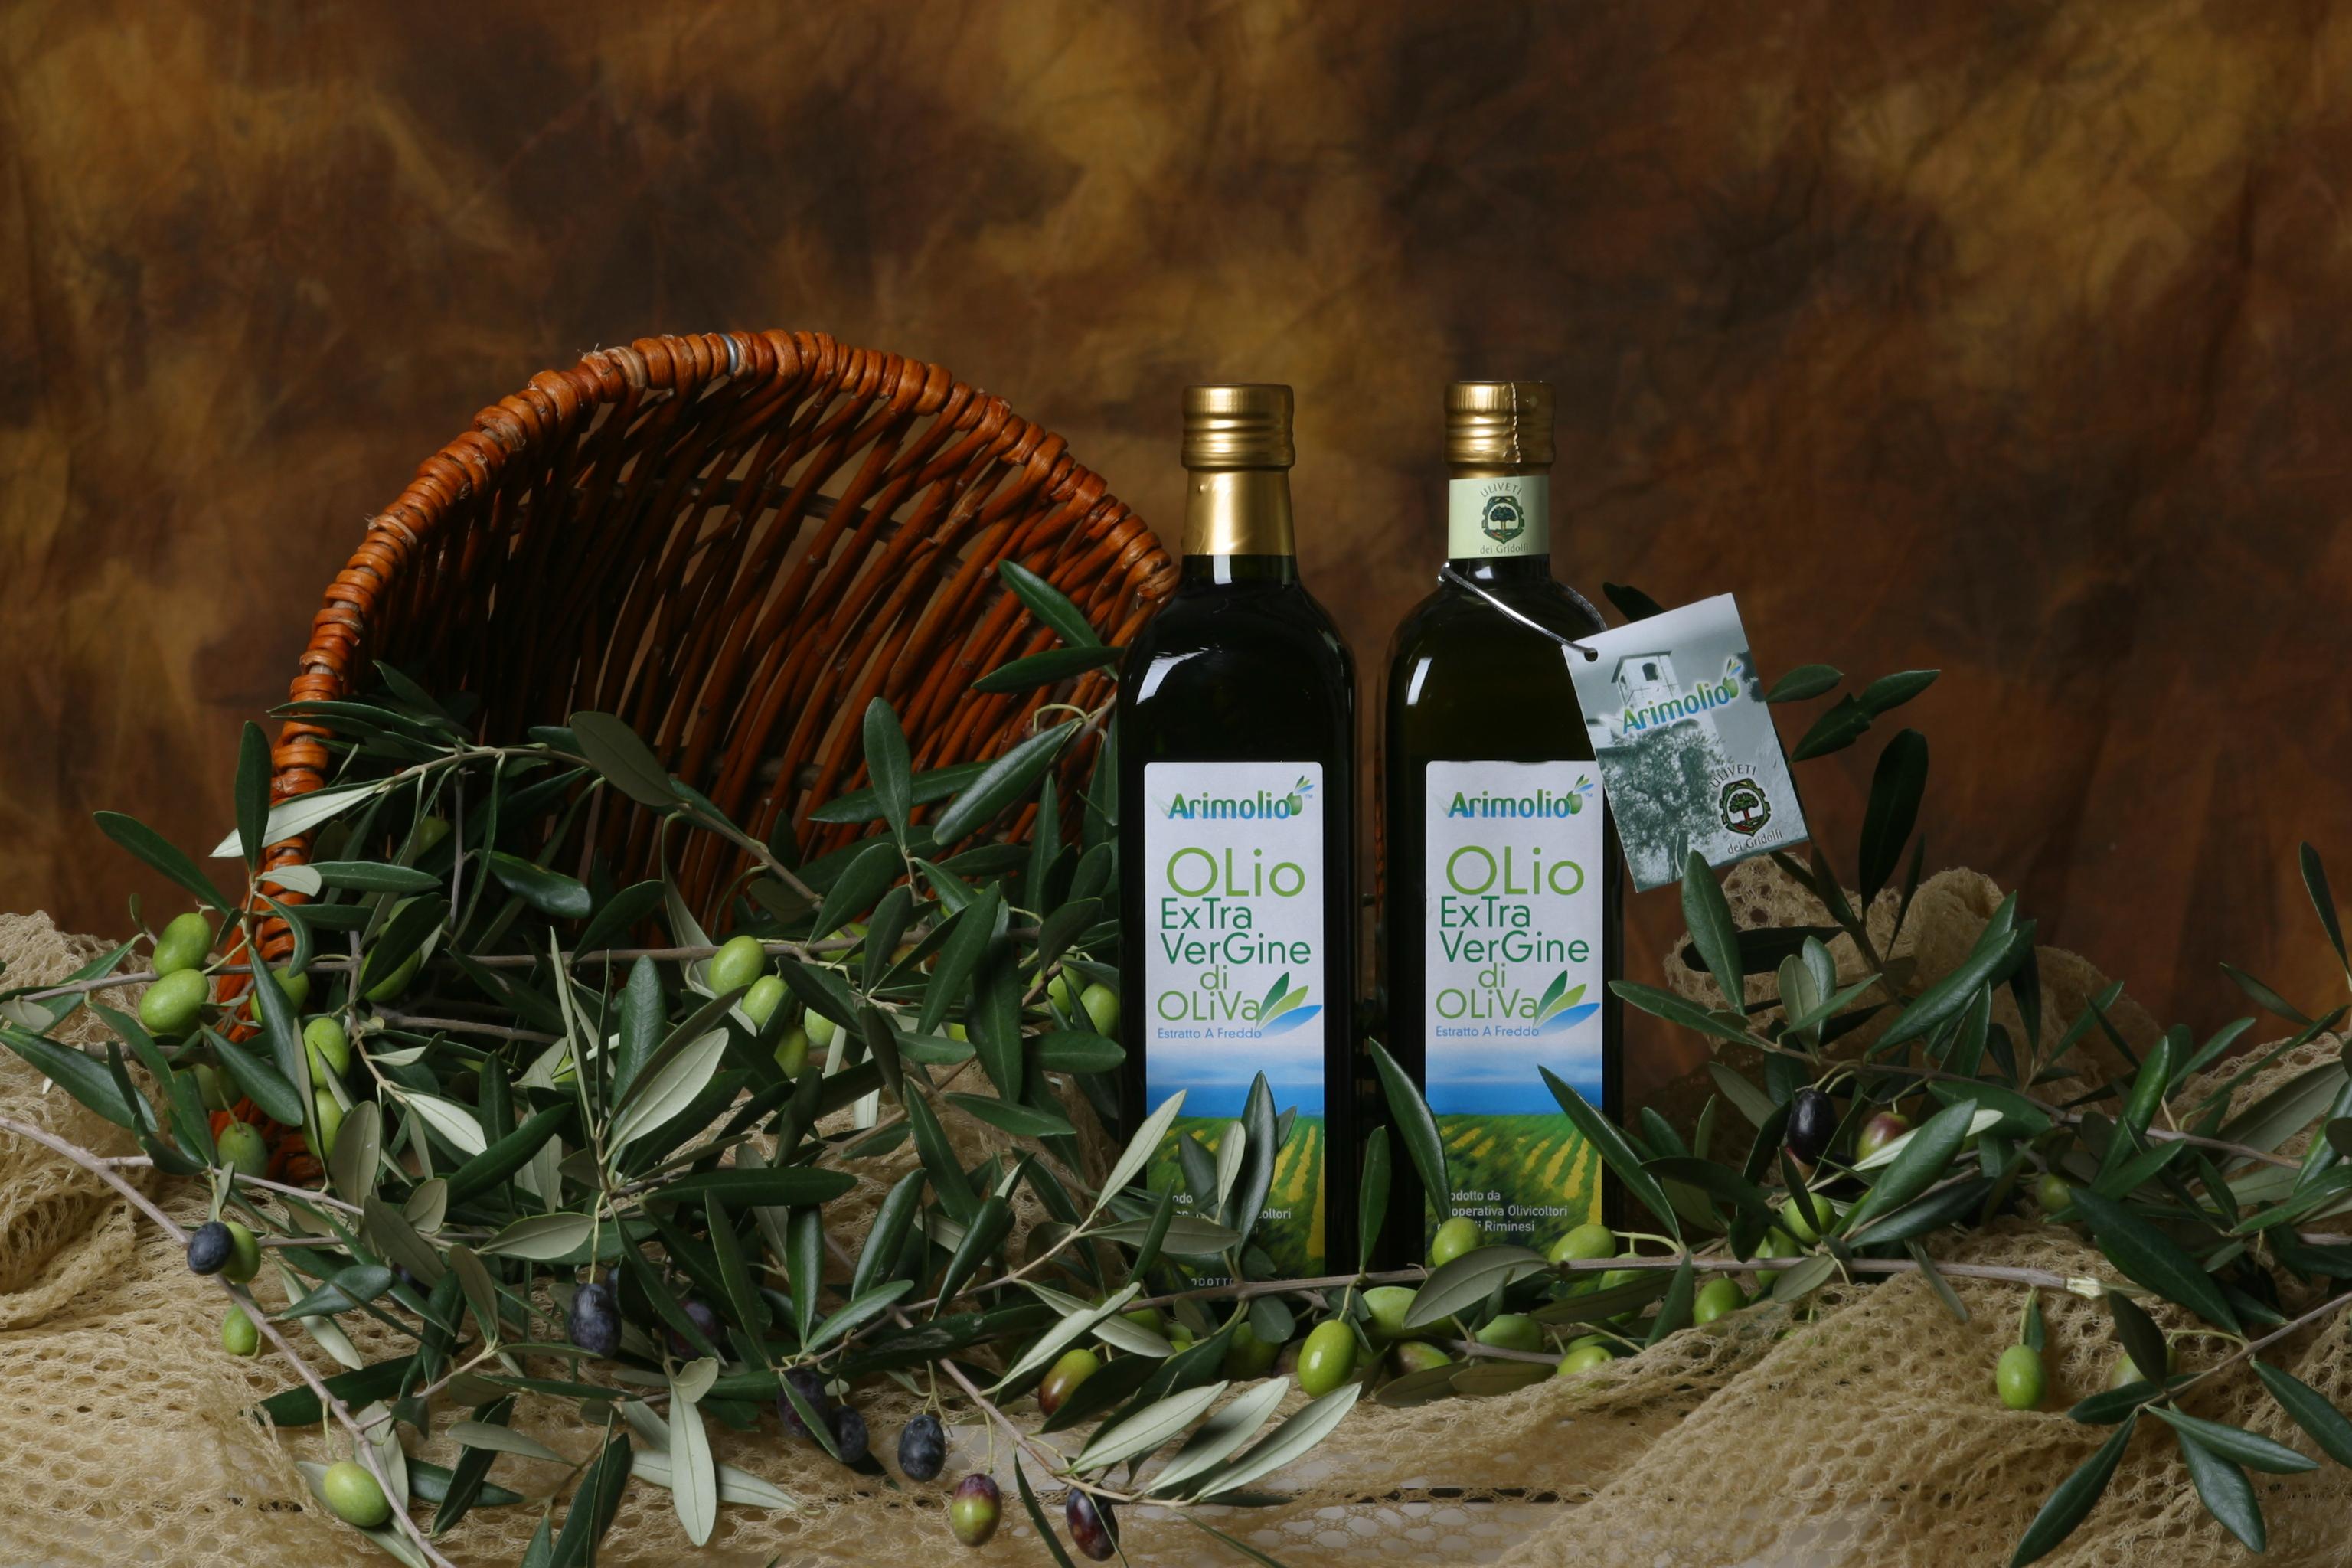 L'Olio Extravergine di Oliva protegge la salute del nostro fegato